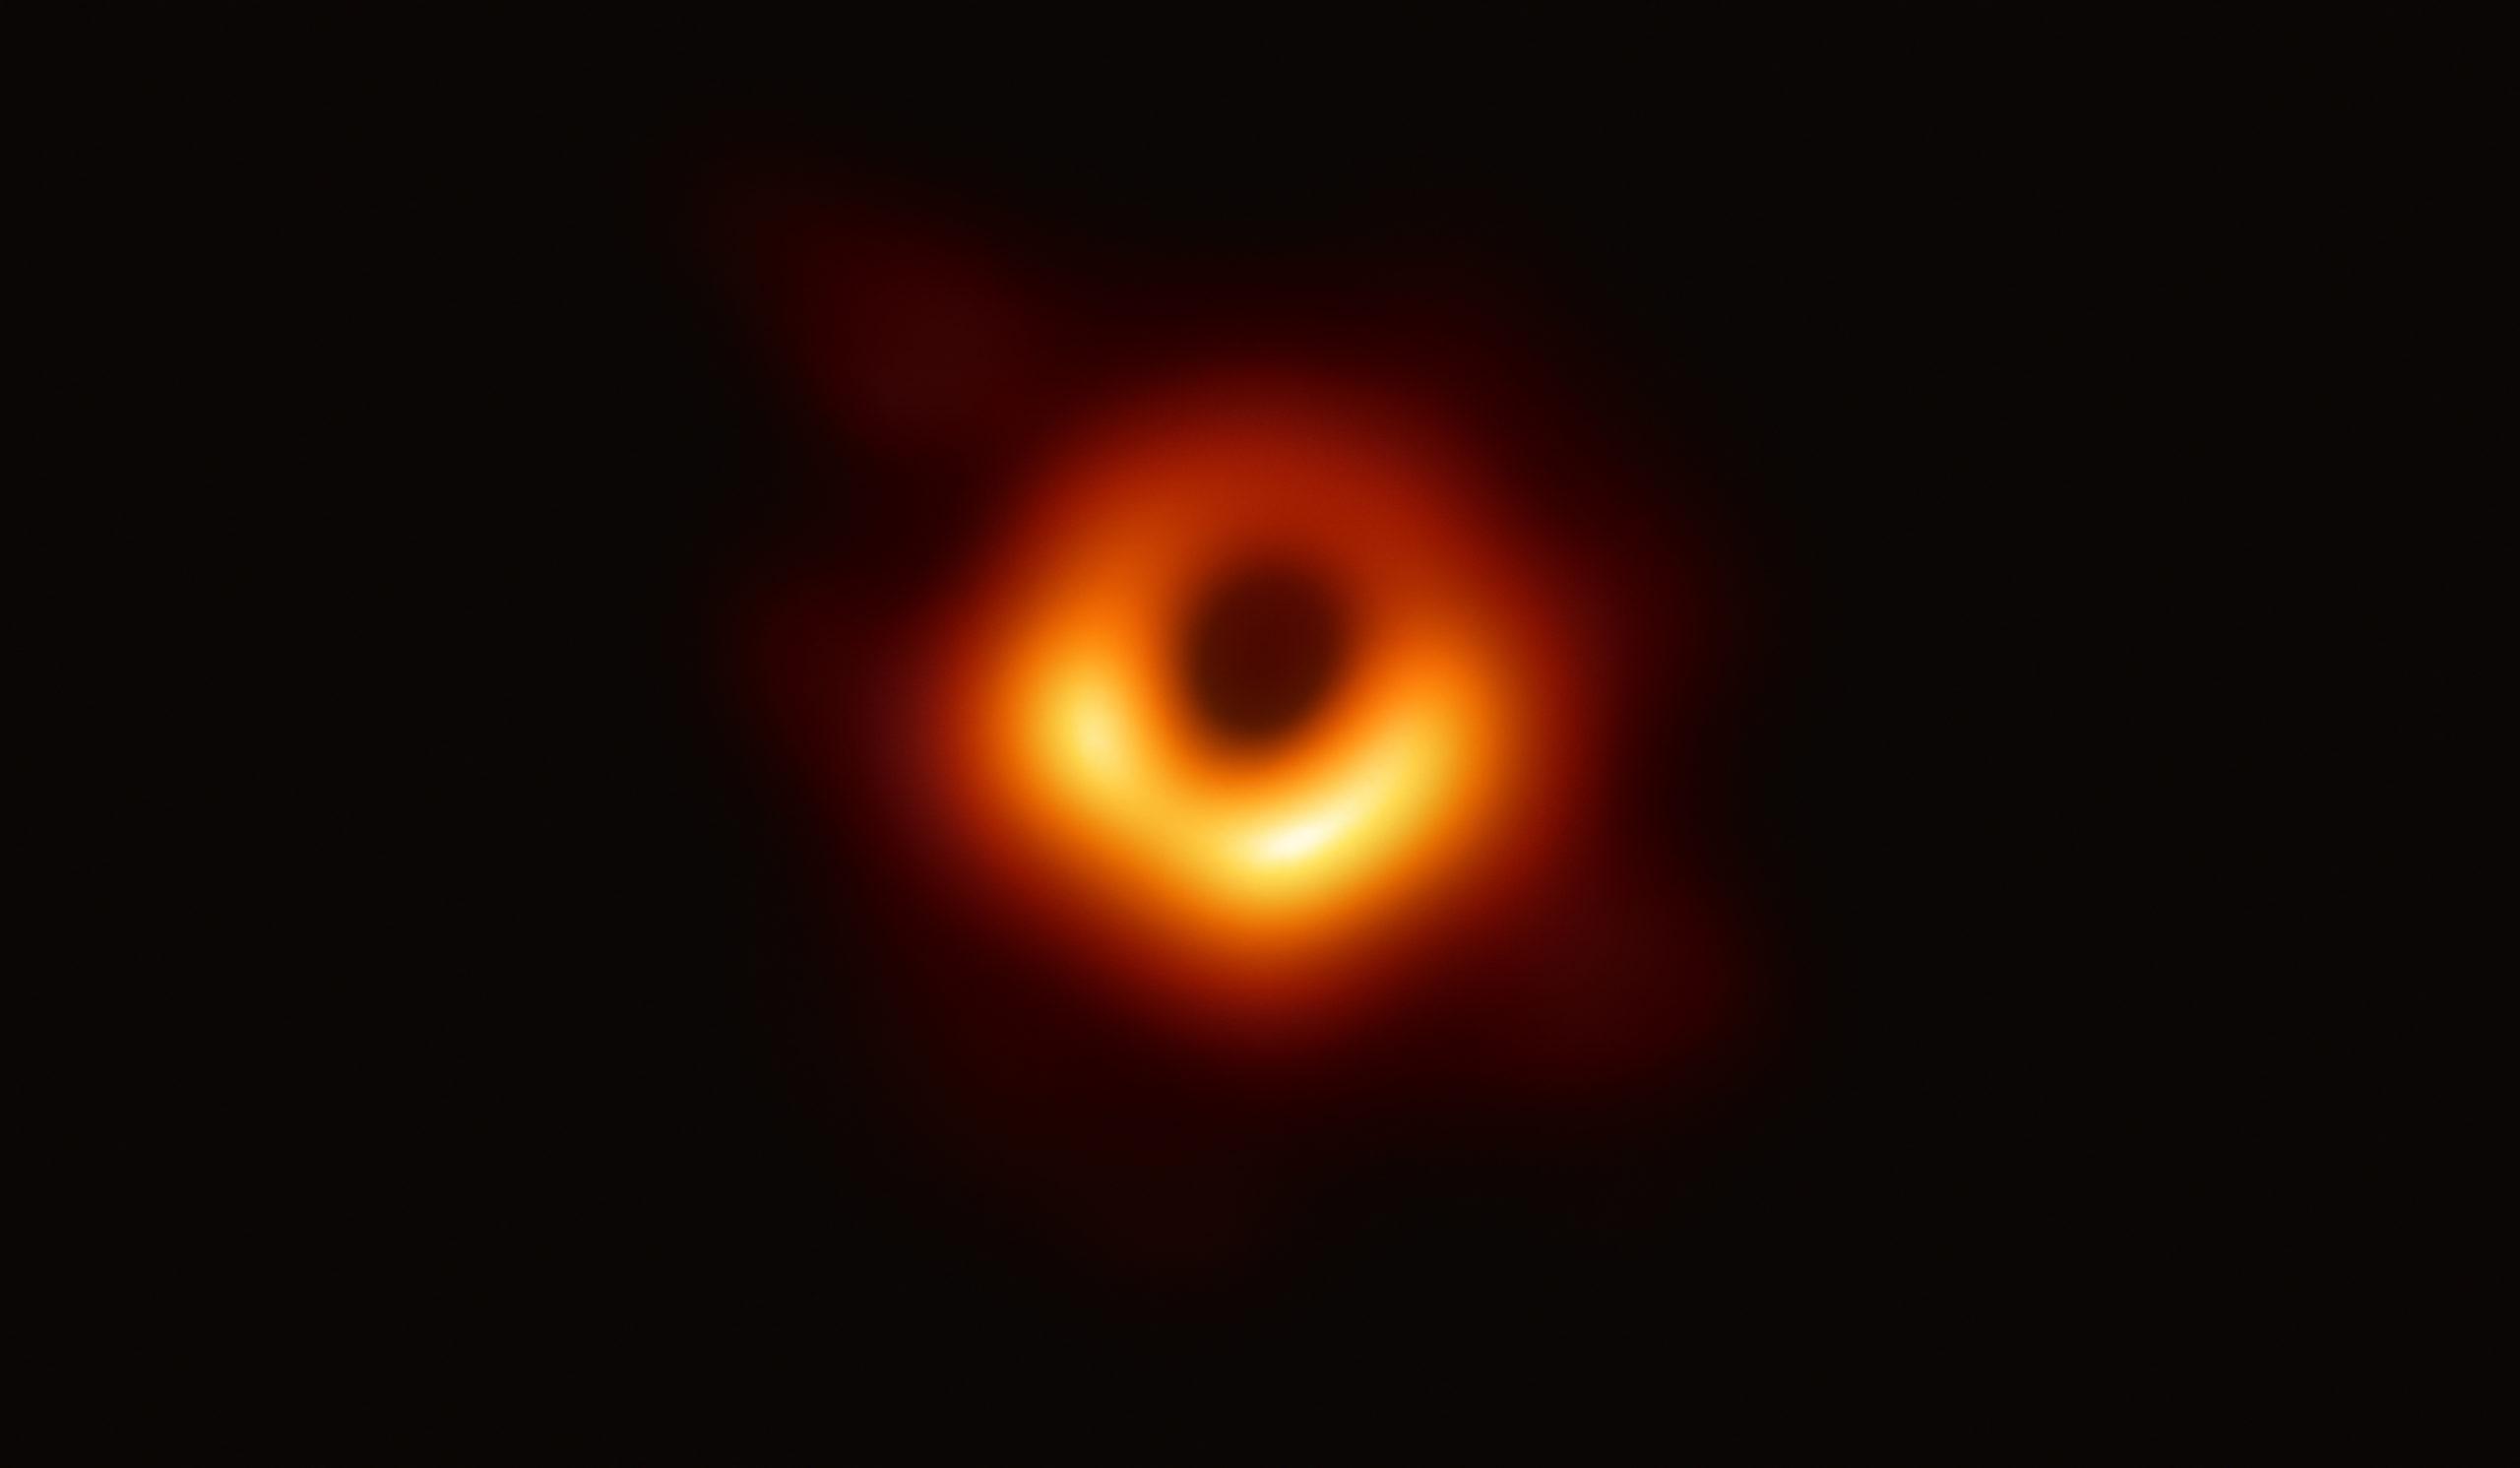 El Telescopio de Horizonte de Sucesos (EHT, Event Horizon Telescope), un conjunto de ocho telescopios basados en tierra distribuidos por todo el planeta y formado gracias a una colaboración internacional, fue diseñado para captar imágenes de un agujero negro. En ruedas de prensa coordinadas por todo el mundo, los investigadores del EHT han revelado que han logrado obtener la primera evidencia visual directa de un agujero negro supermasivo y su sombra.  La sombra de un agujero negro que vemos en la imagen es lo más cerca que podemos estar de una imagen del propio agujero negro, un objeto totalmente oscuro del que la luz no puede escapar. El límite del agujero negro —el horizonte de sucesos del que el EHT toma su nombre— es aproximadamente 2,5 veces más pequeño que la sombra que proyecta y mide casi 40.000 millones de km. Aunque puede parecer grande, este anillo se extiende sólo unos 40 microsegundos de arco, lo que equivaldría a medir la longitud de una tarjeta de crédito sobre la superficie de la Luna.  Aunque los telescopios que forman el EHT no están conectados físicamente, son capaces de sincronizar sus datos con relojes atómicos — máser de hidrógeno — que miden con precisión el tiempo en que se toman las observaciones. Estas observaciones fueron recogidas en una longitud de onda de 1,3 mm durante una campaña mundial desarrollada en 2017. Cada telescopio del EHT produjo enormes cantidades de datos –aproximadamente 350 terabytes por día– que se almacenaron en discos duros de helio de alto rendimiento. Estos datos se enviaron a superordenadores especializados — conocidos como correladores — instalados en el Instituto de Radioastronomía Max Planck y el Observatorio Haystack del MIT, donde se combinaron. Luego, cuidadosamente, se convirtieron en una imagen utilizando novedosas herramientas computacionales desarrolladas por la colaboración. Crédito: EHT Collaboration